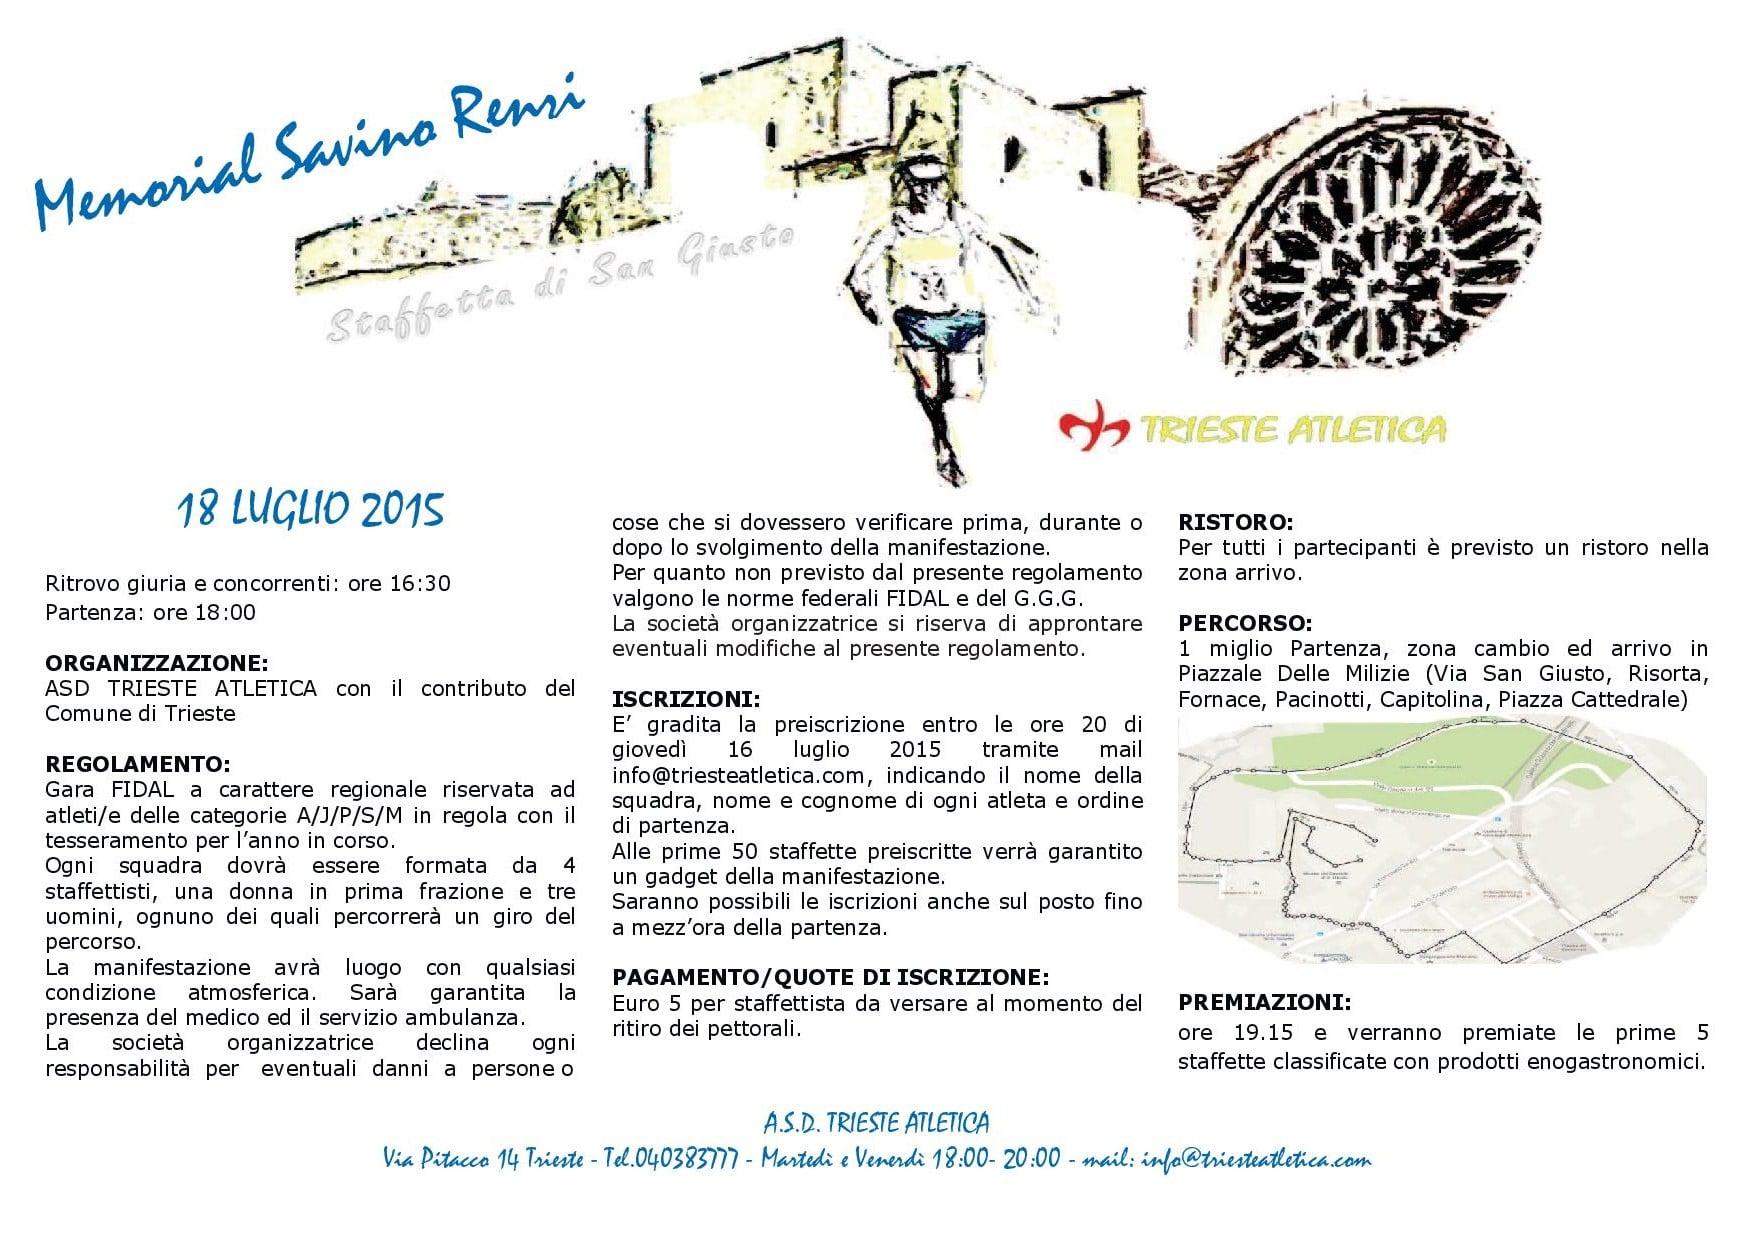 Staffetta di San Giusto – Memorial Savino Renzi